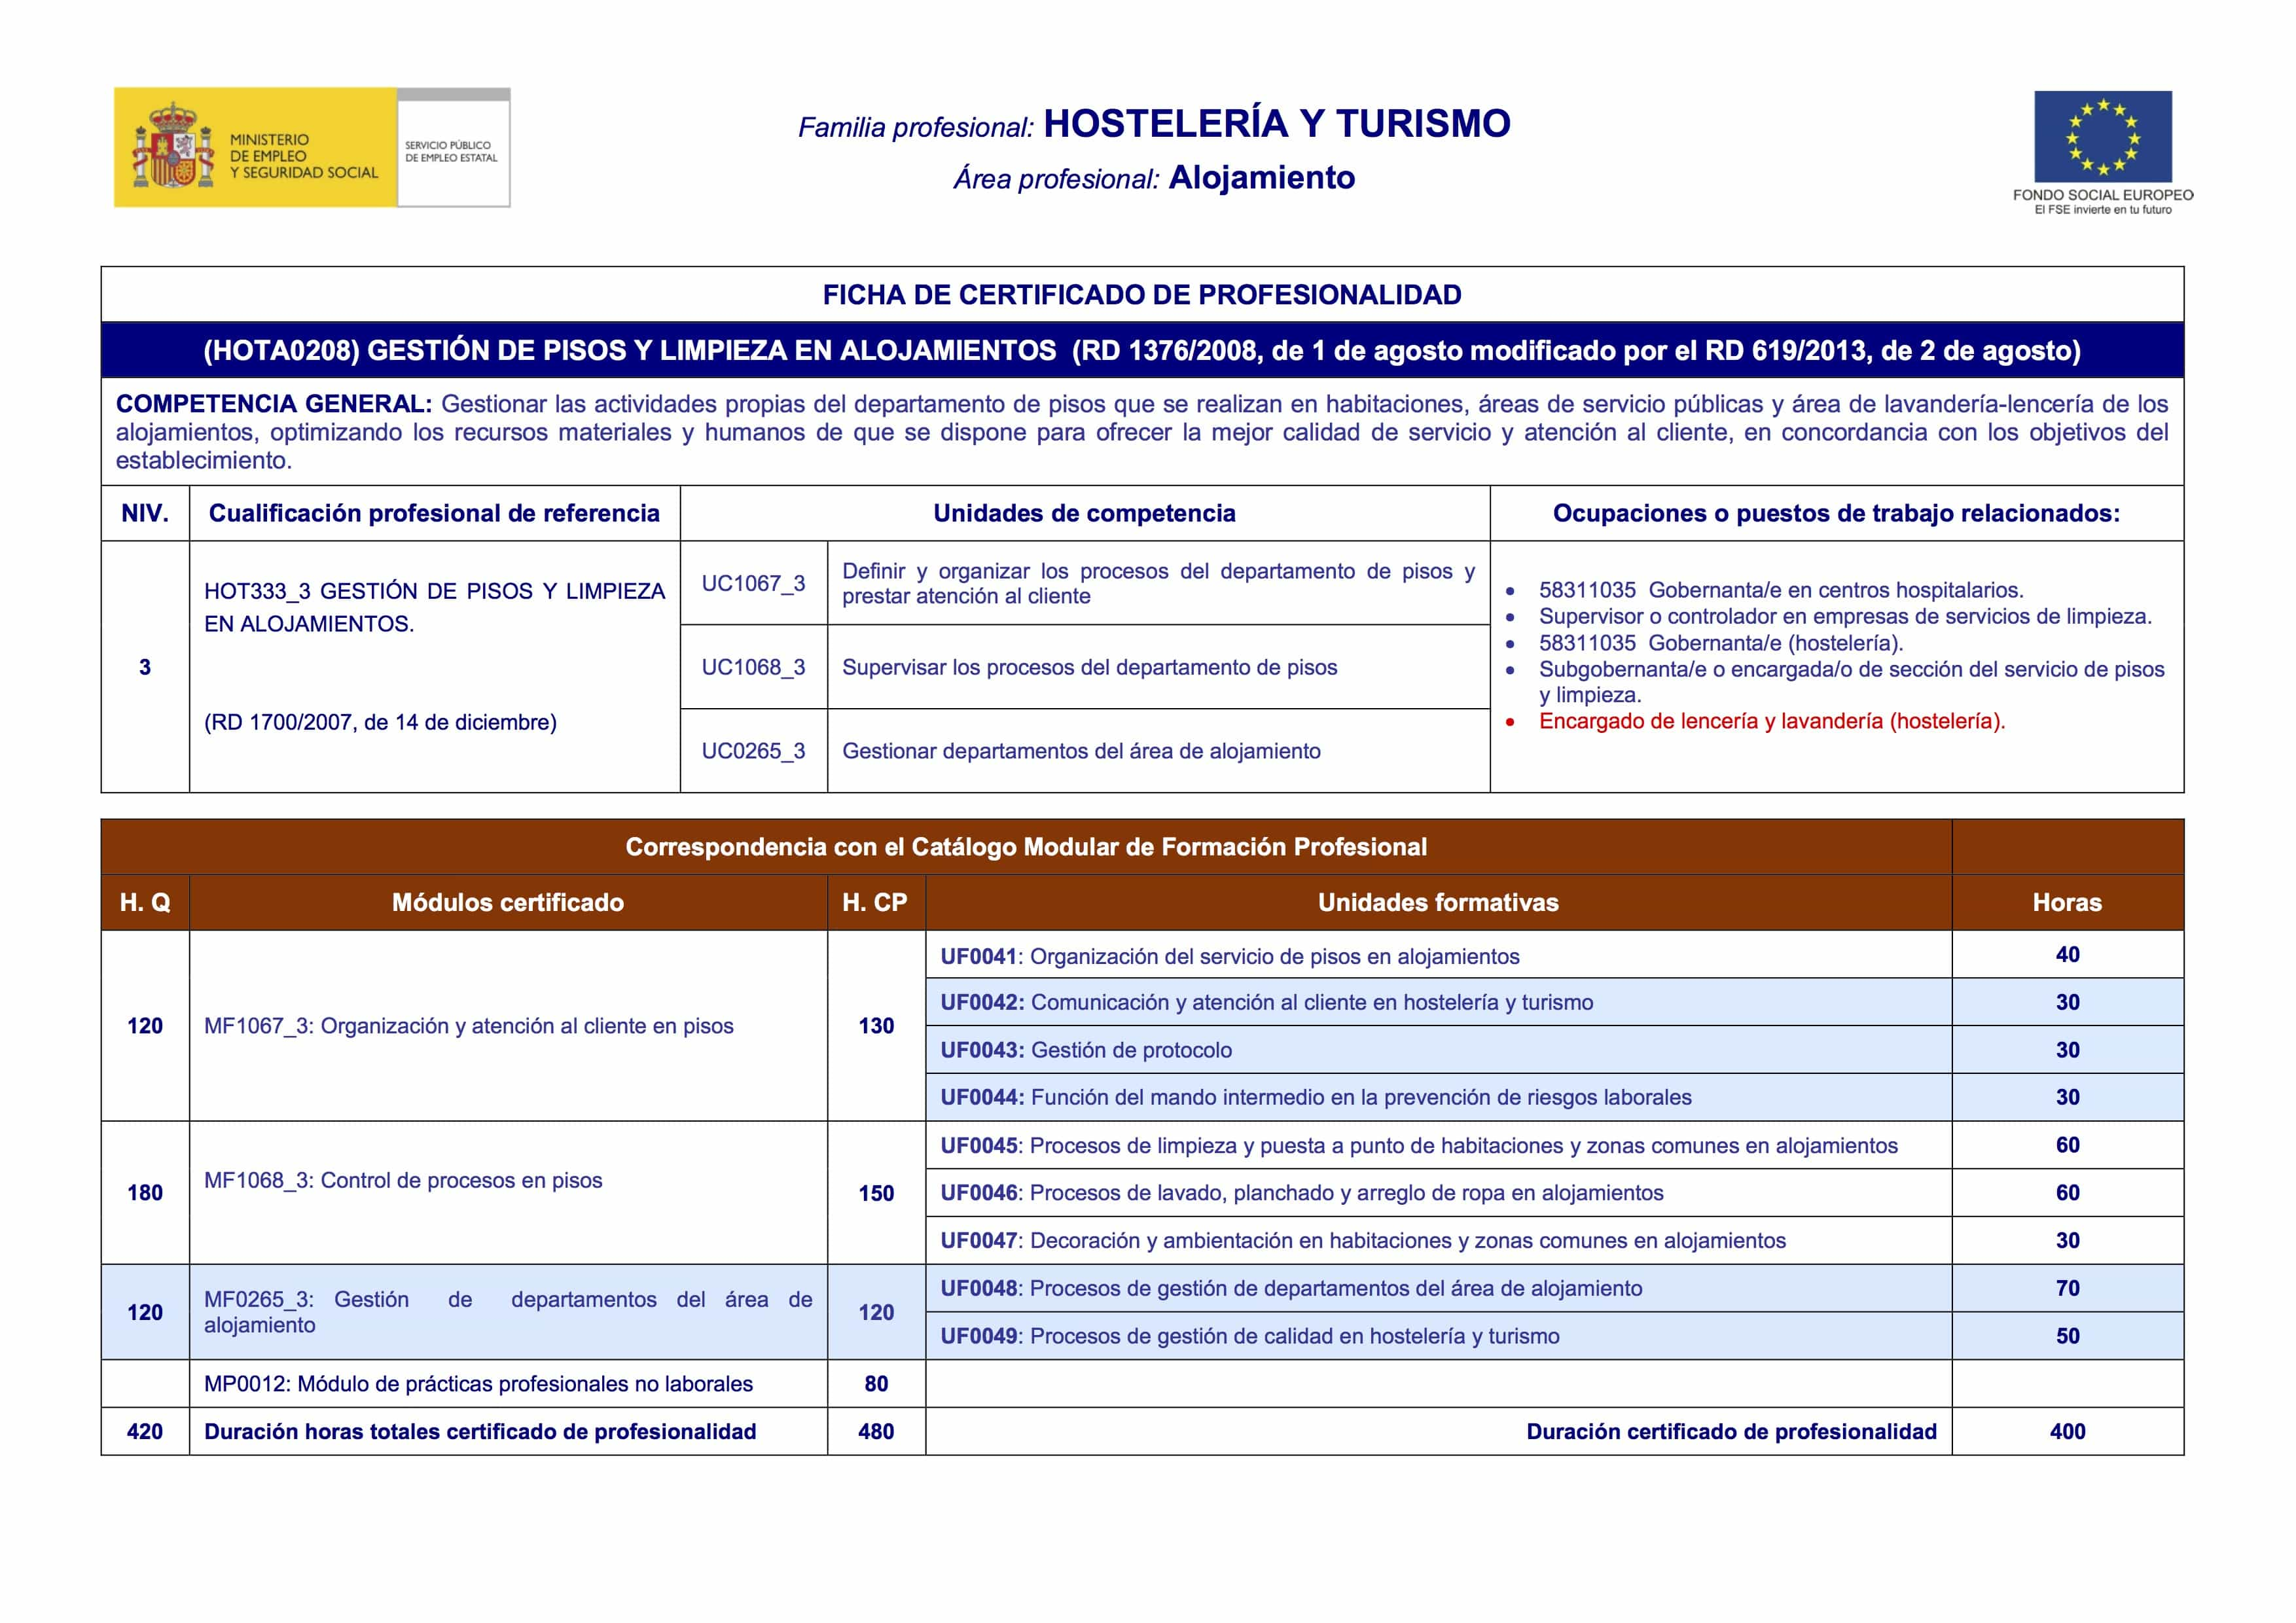 certificado profesionalidad gestión pisos limpieza alojamientos